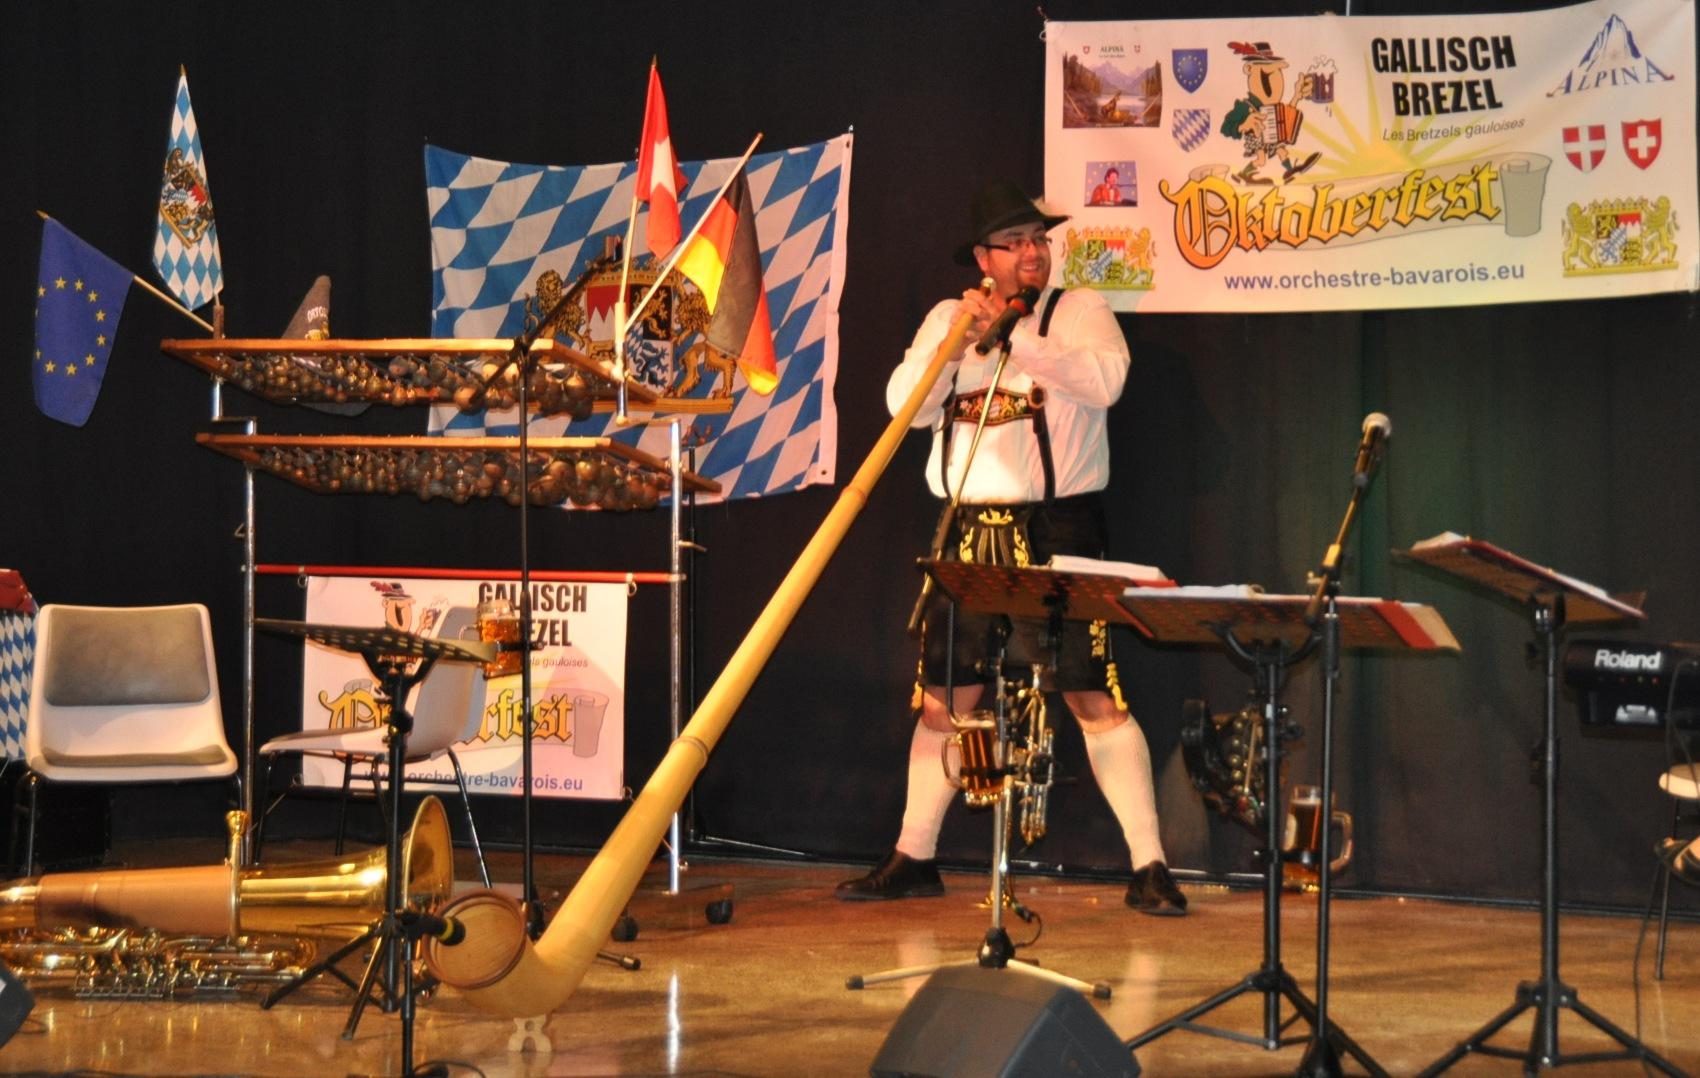 Garancières 78-2010-soirée bavaroise 7